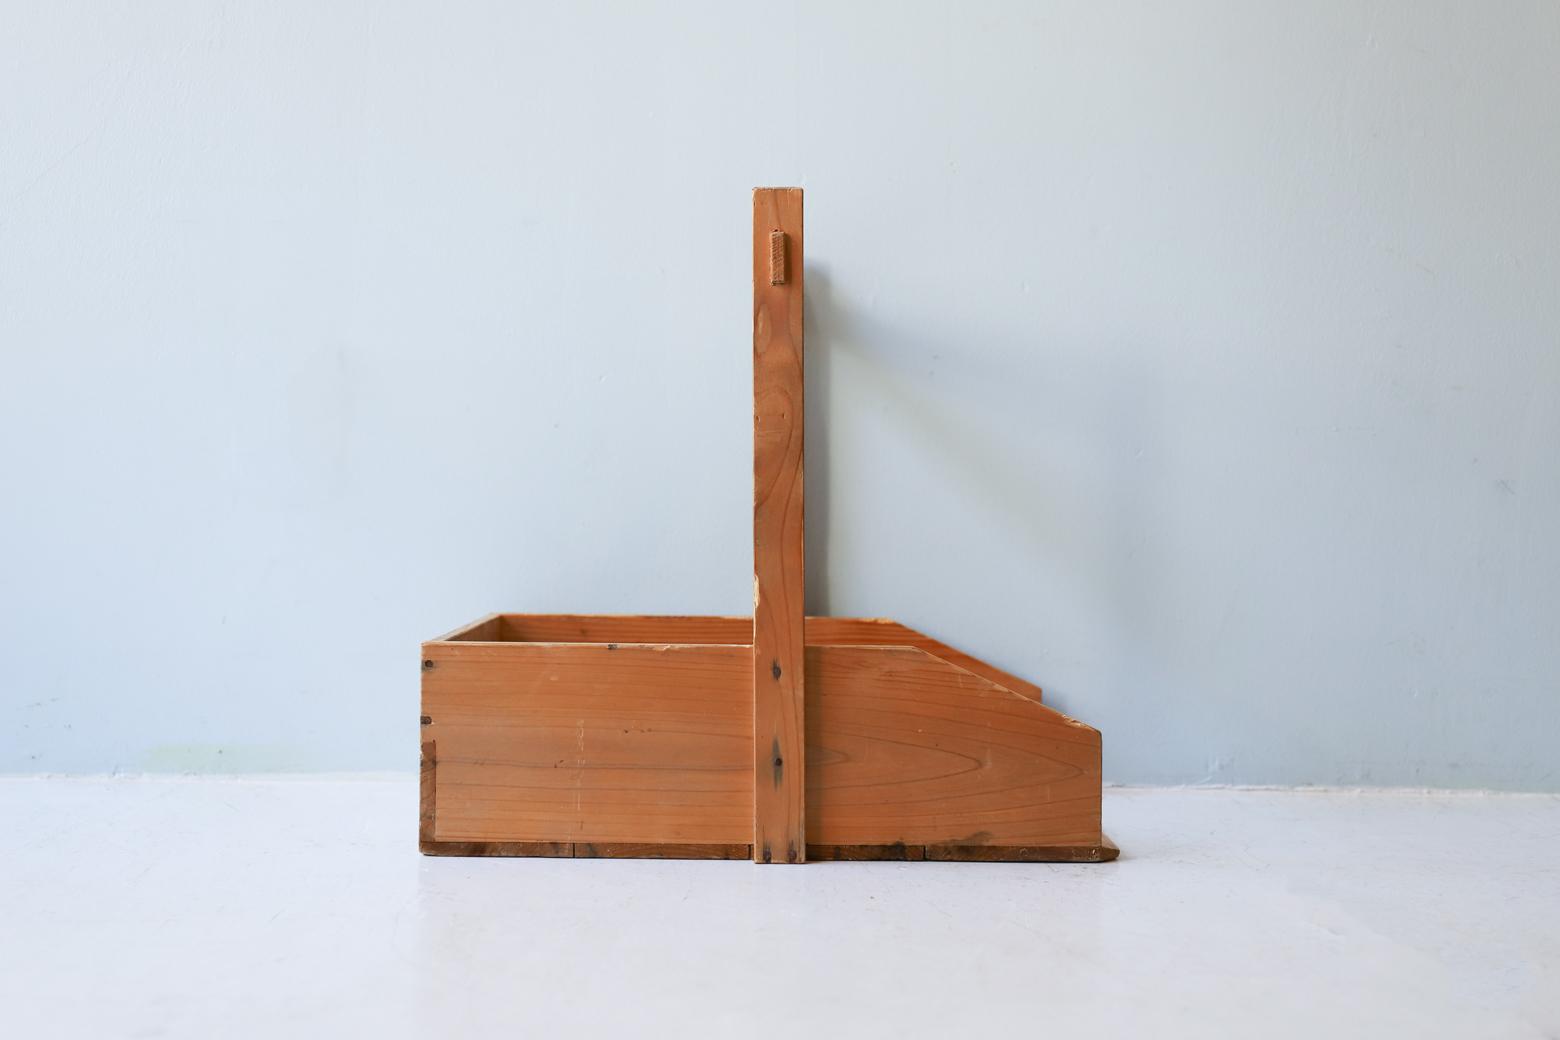 アンティーク 木製 ちりとり 手作り 古道具 昭和 農耕具/Vintage Wooden Dustpan Handmade 2